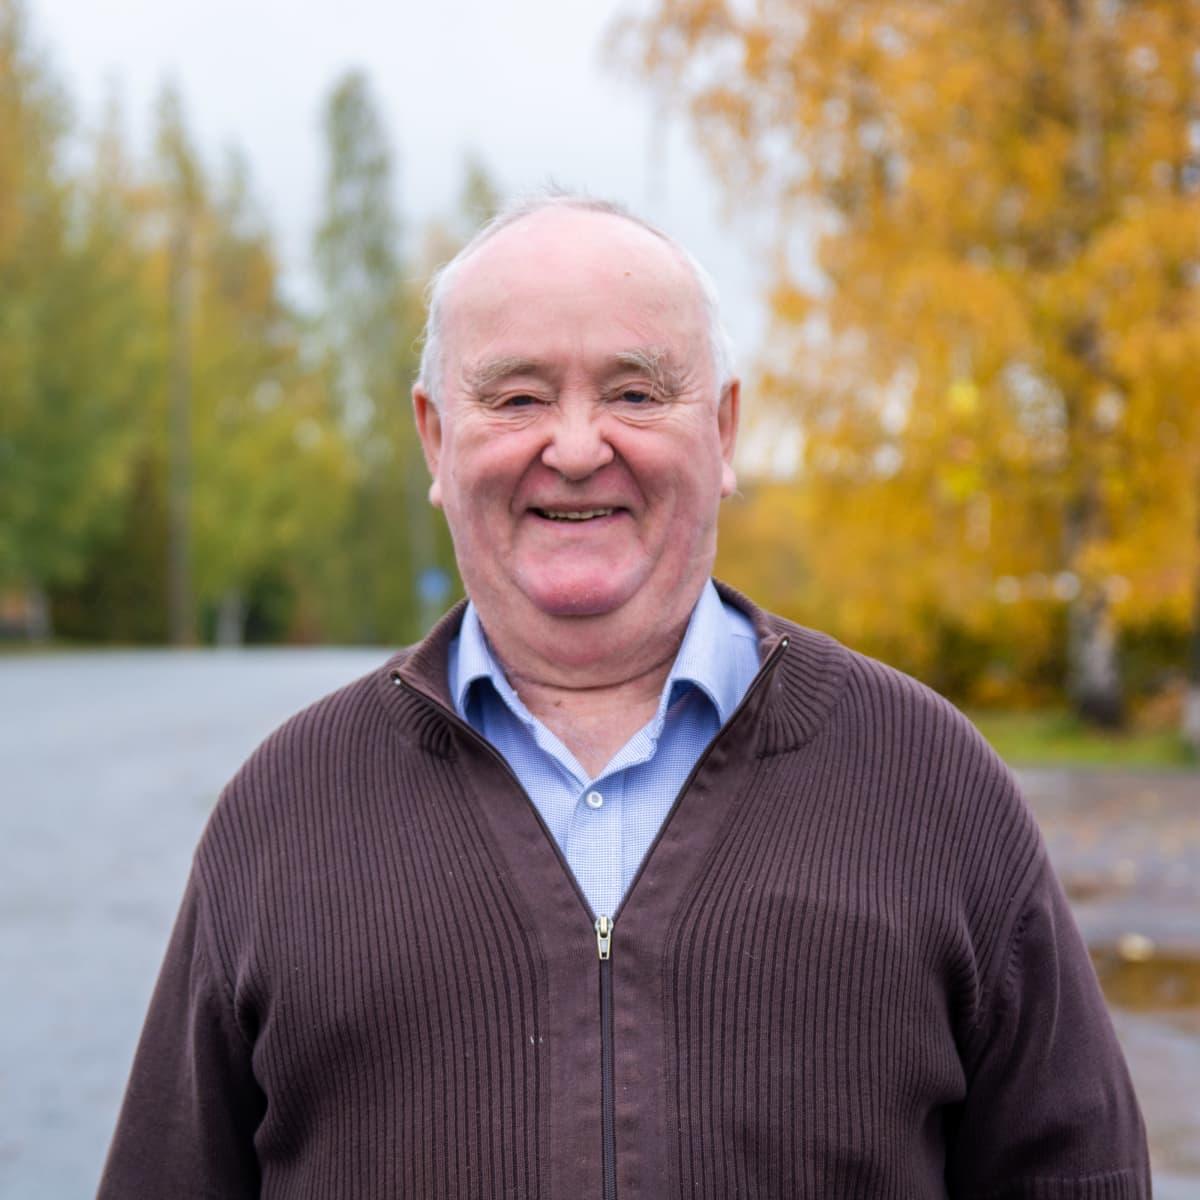 Kulttuuriosuuskunta Pro Oriveden hallituksen puheenjohtaja Reijo Kahelin